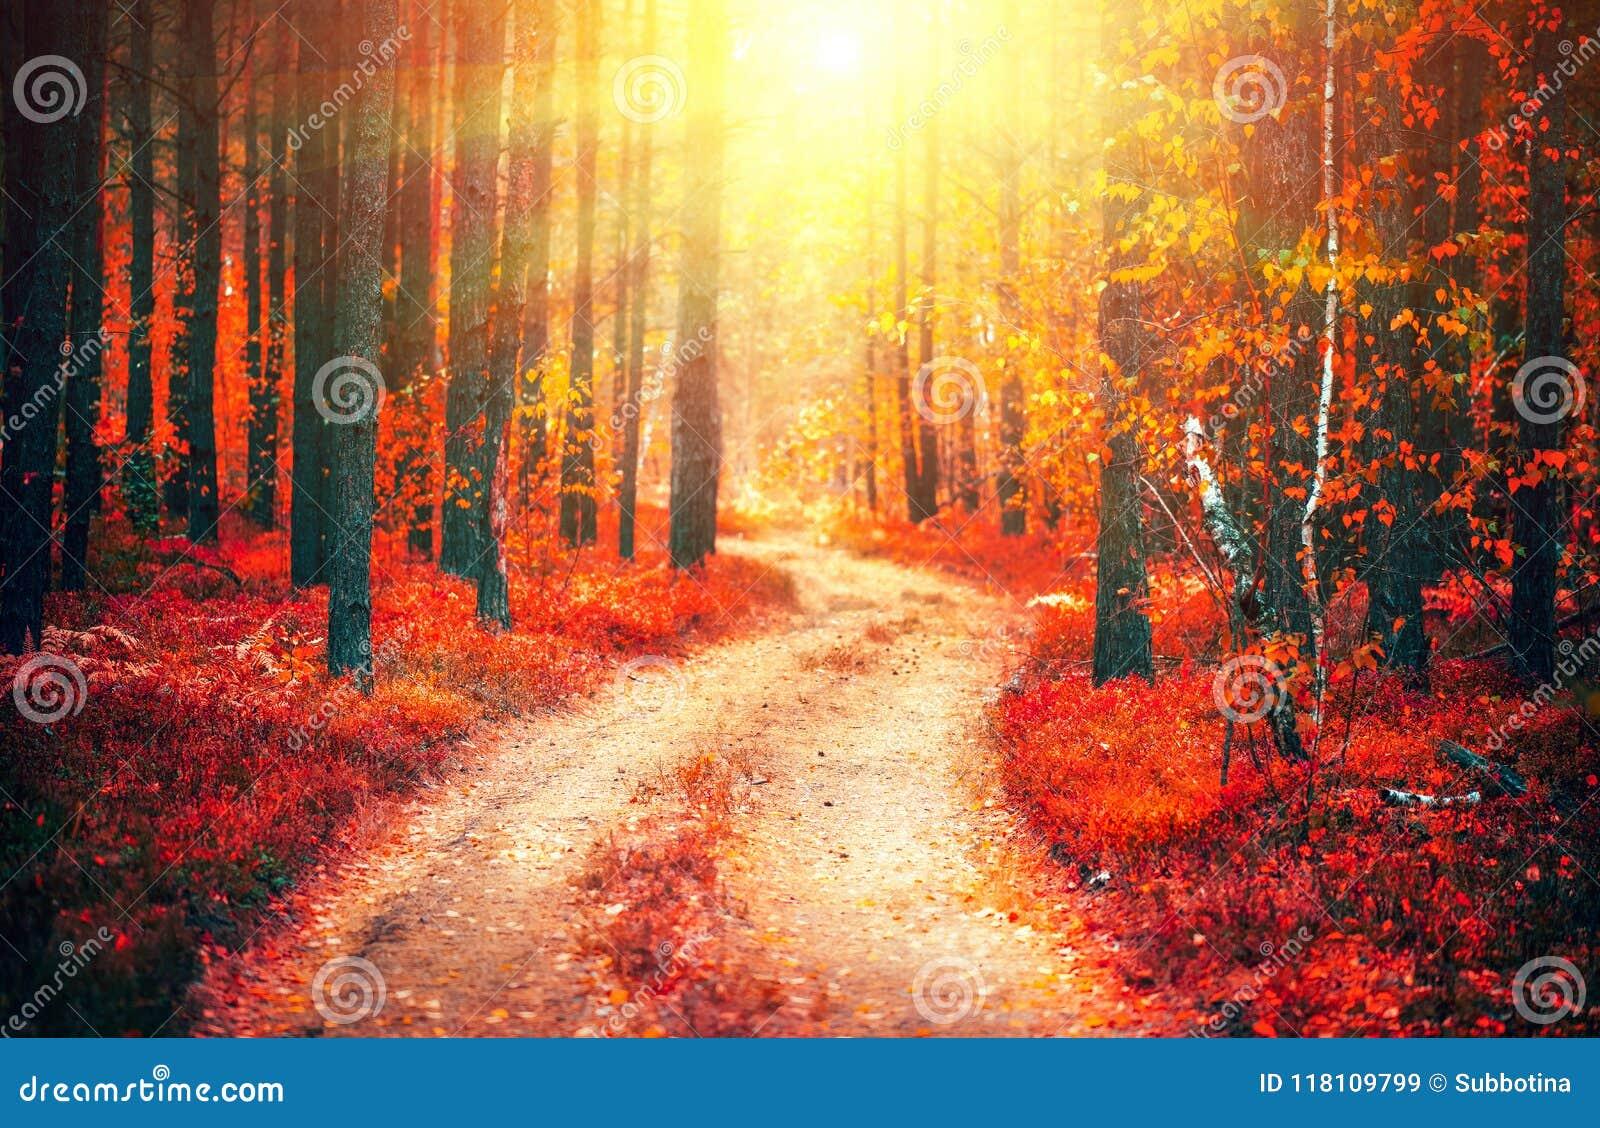 Cena da natureza do outono Paisagem da queda da fantasia Parque outonal bonito com caminho